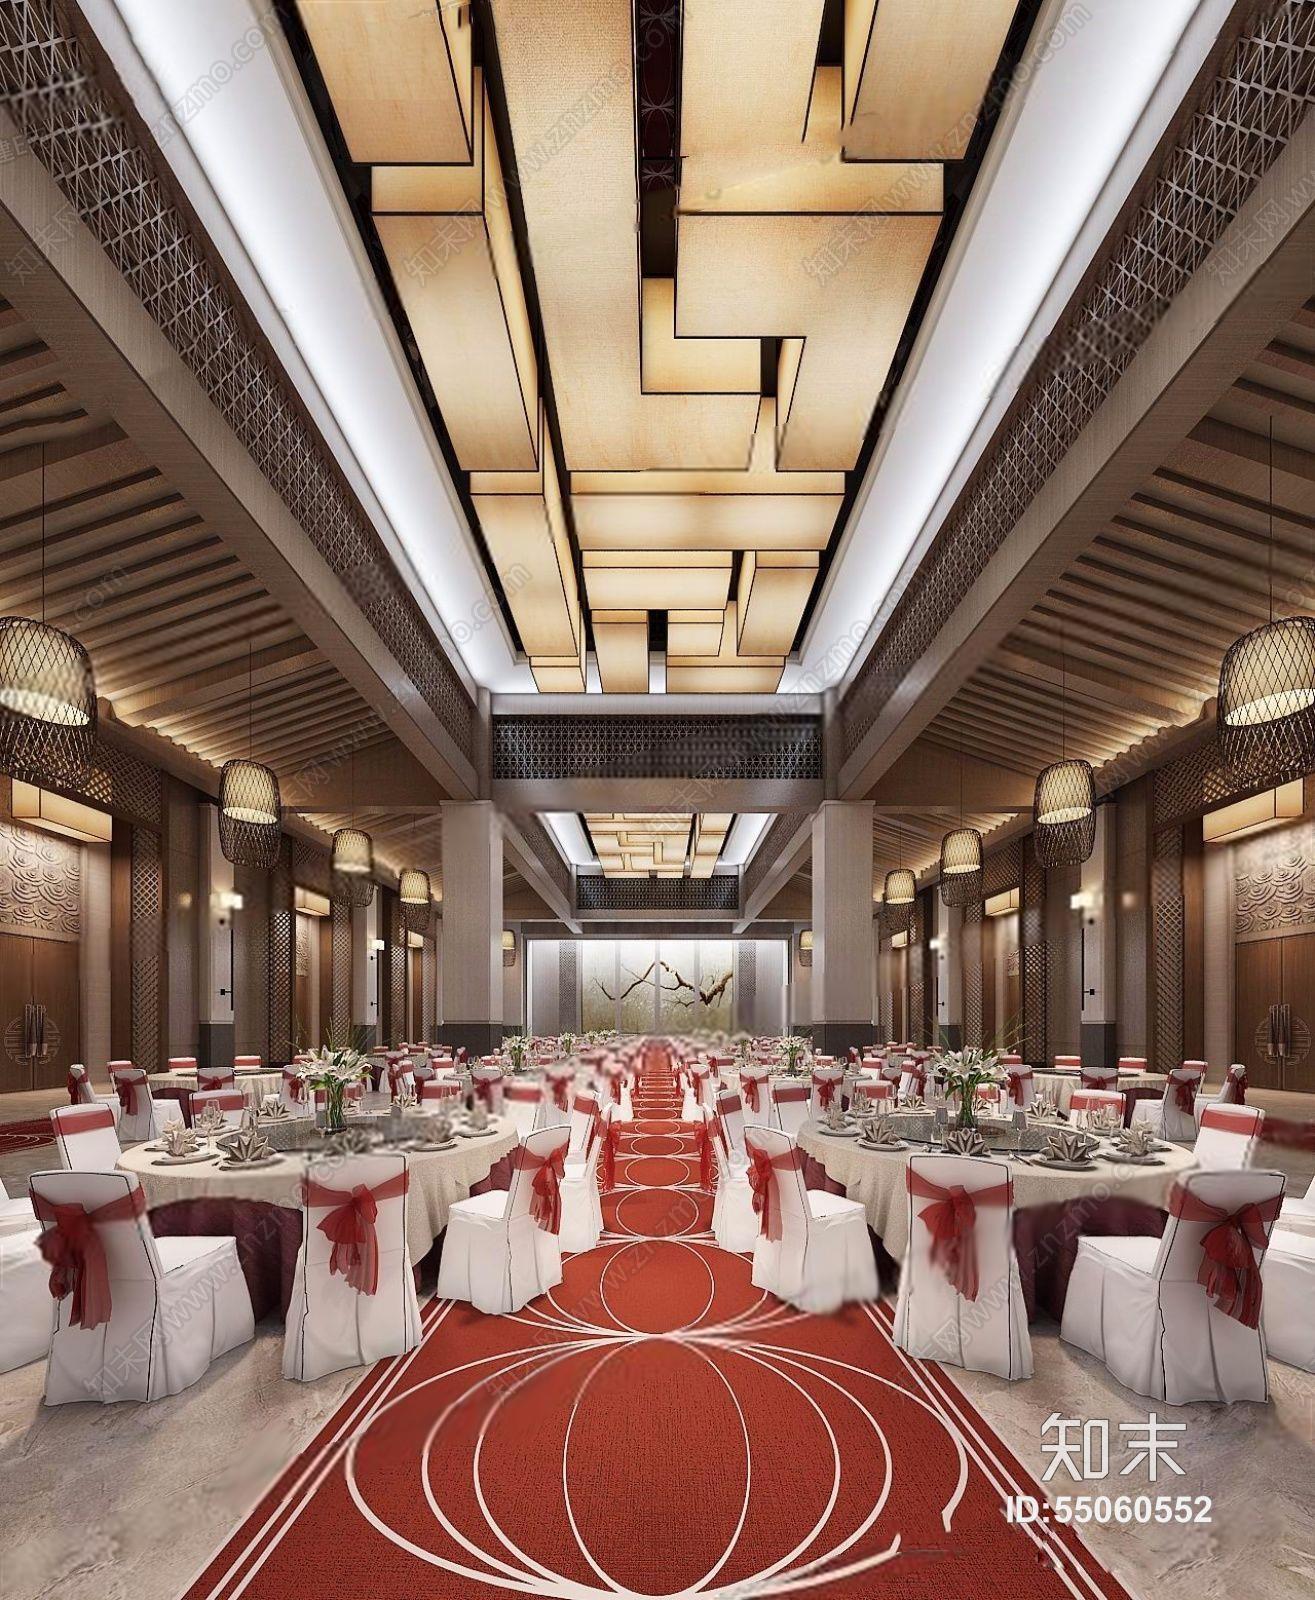 新中式宴会厅 新中式宴会厅 圆形餐桌 餐椅 吸顶灯 吊顶 背景墙